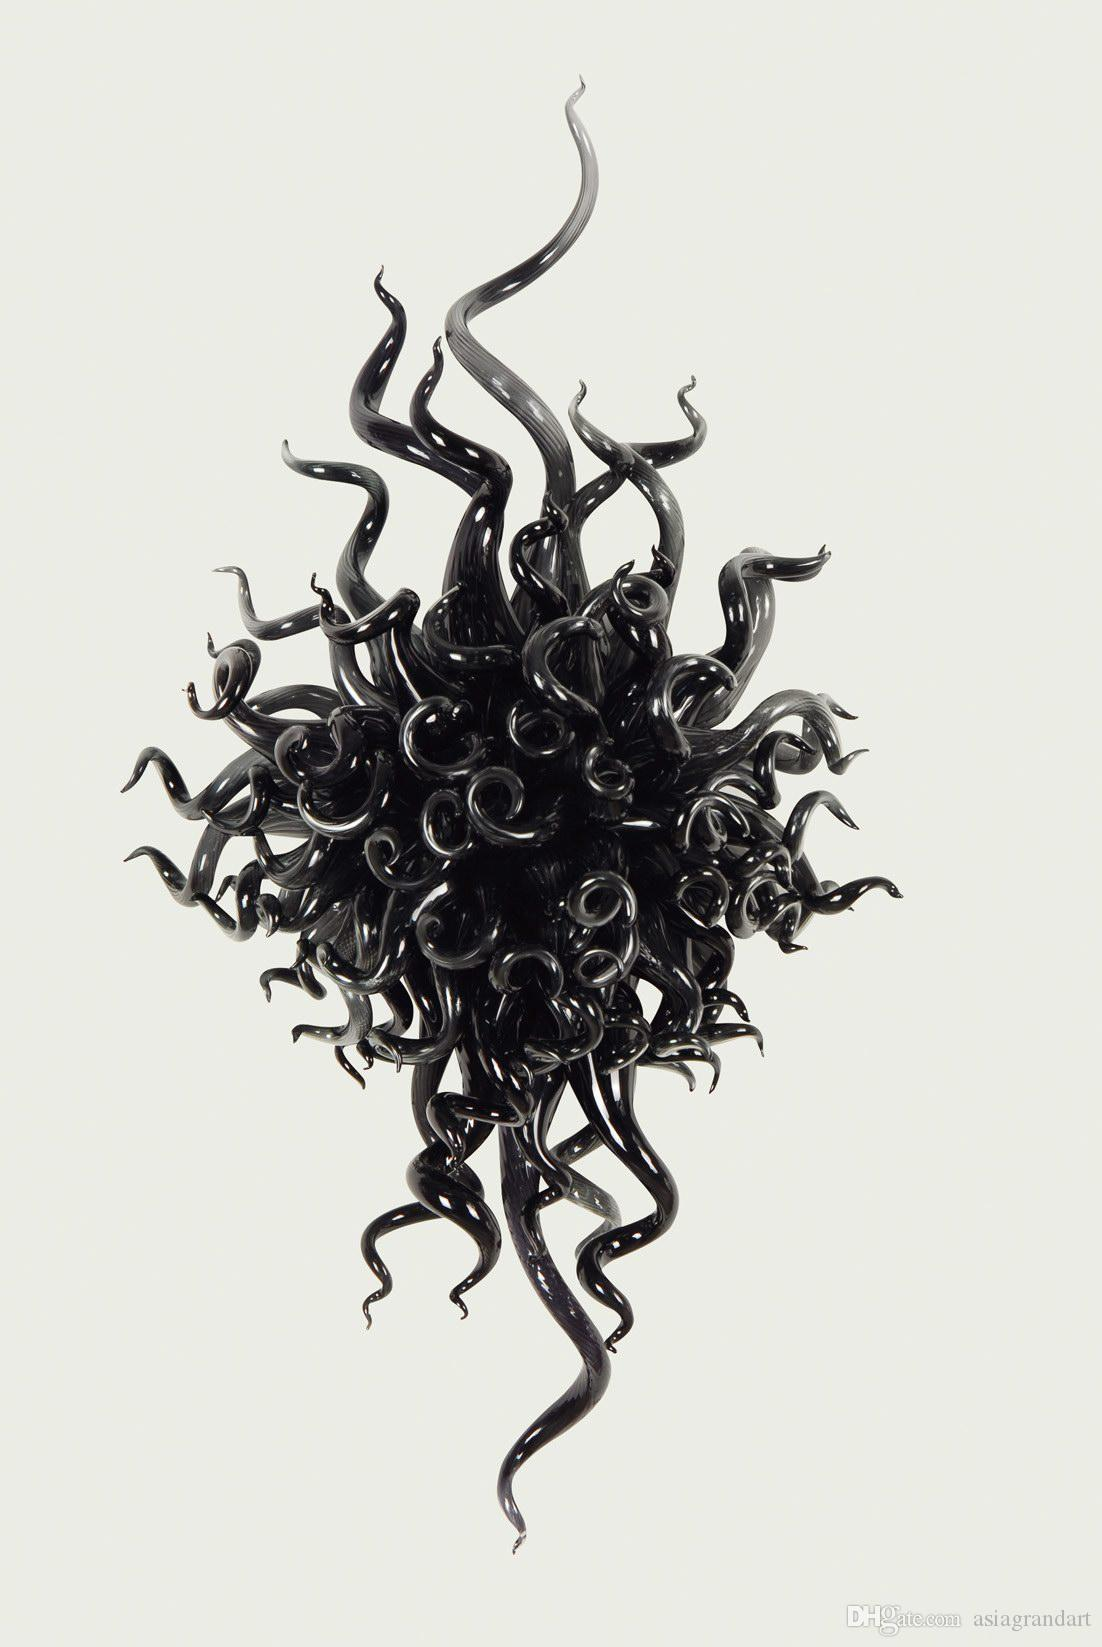 100 % 입 CE UL 붕규산 무라노 유리 데일 치 훌리 (Dale Chihuly) 예술 예쁜 검은 색 유리 샹들리에 장식 풍선